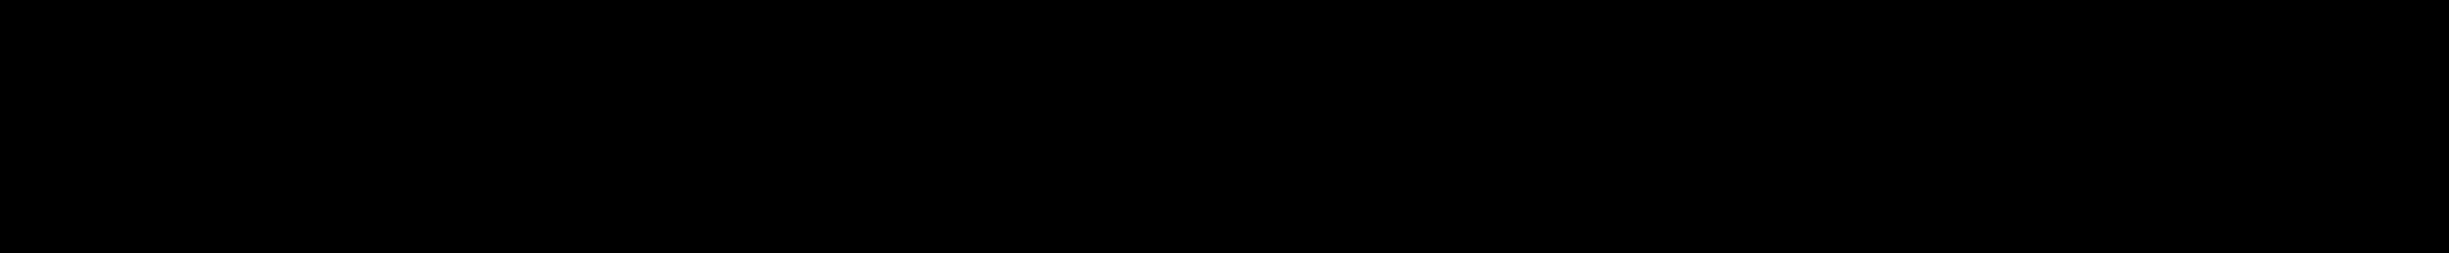 igoption binārās opcijas stratēģijas bināro opciju tirdzniecībai